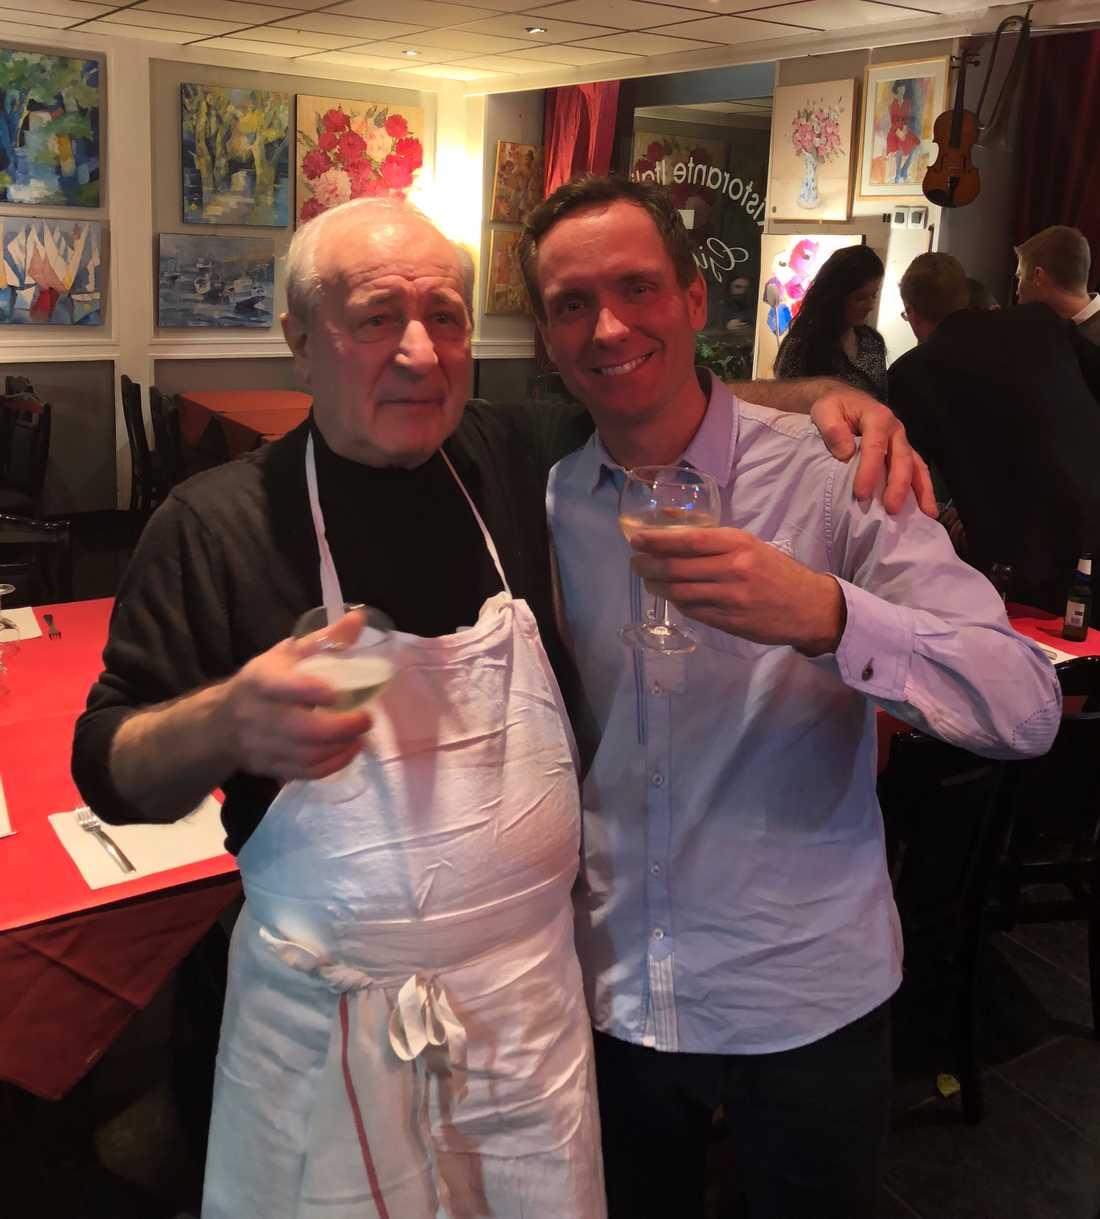 Jeacomo Guerra öppnade upp sin restaurang exklusivt för Björn Goop.